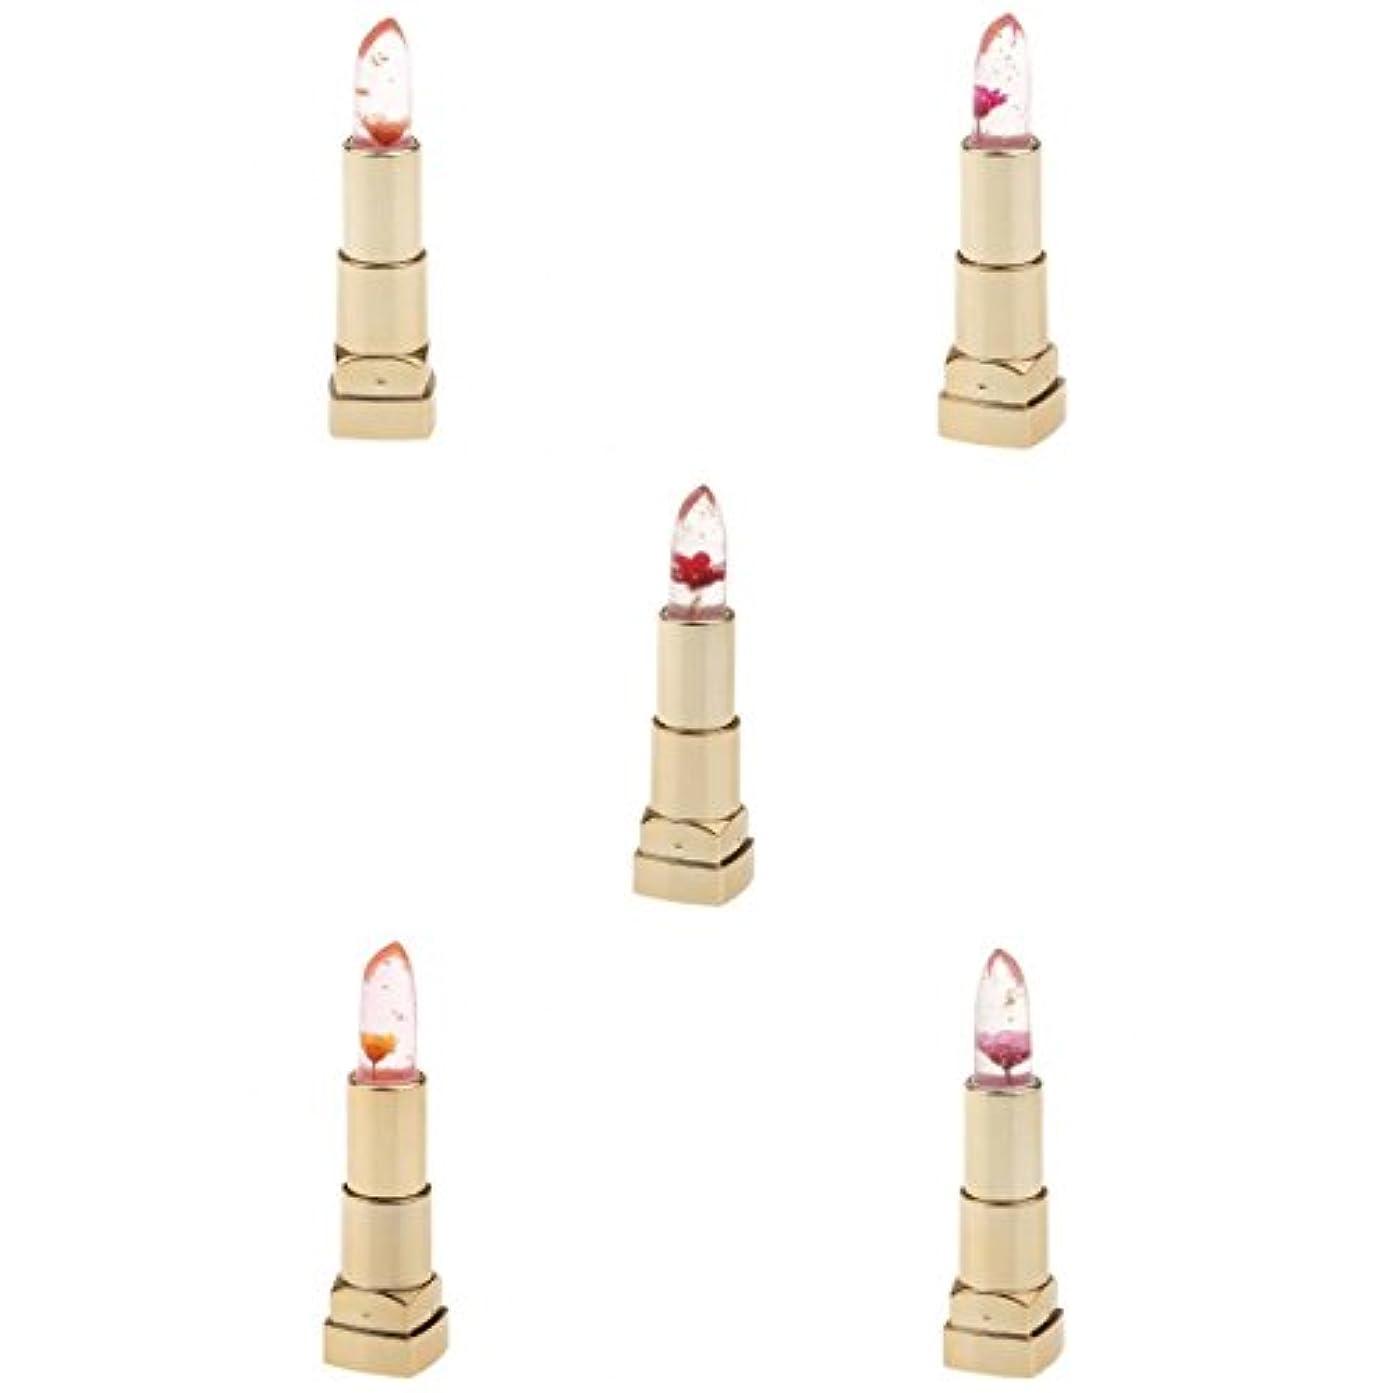 地中海無秩序割り込み温度変化口紅 フラワー リップスティック メイクアップ 潤い 3個セット - #1